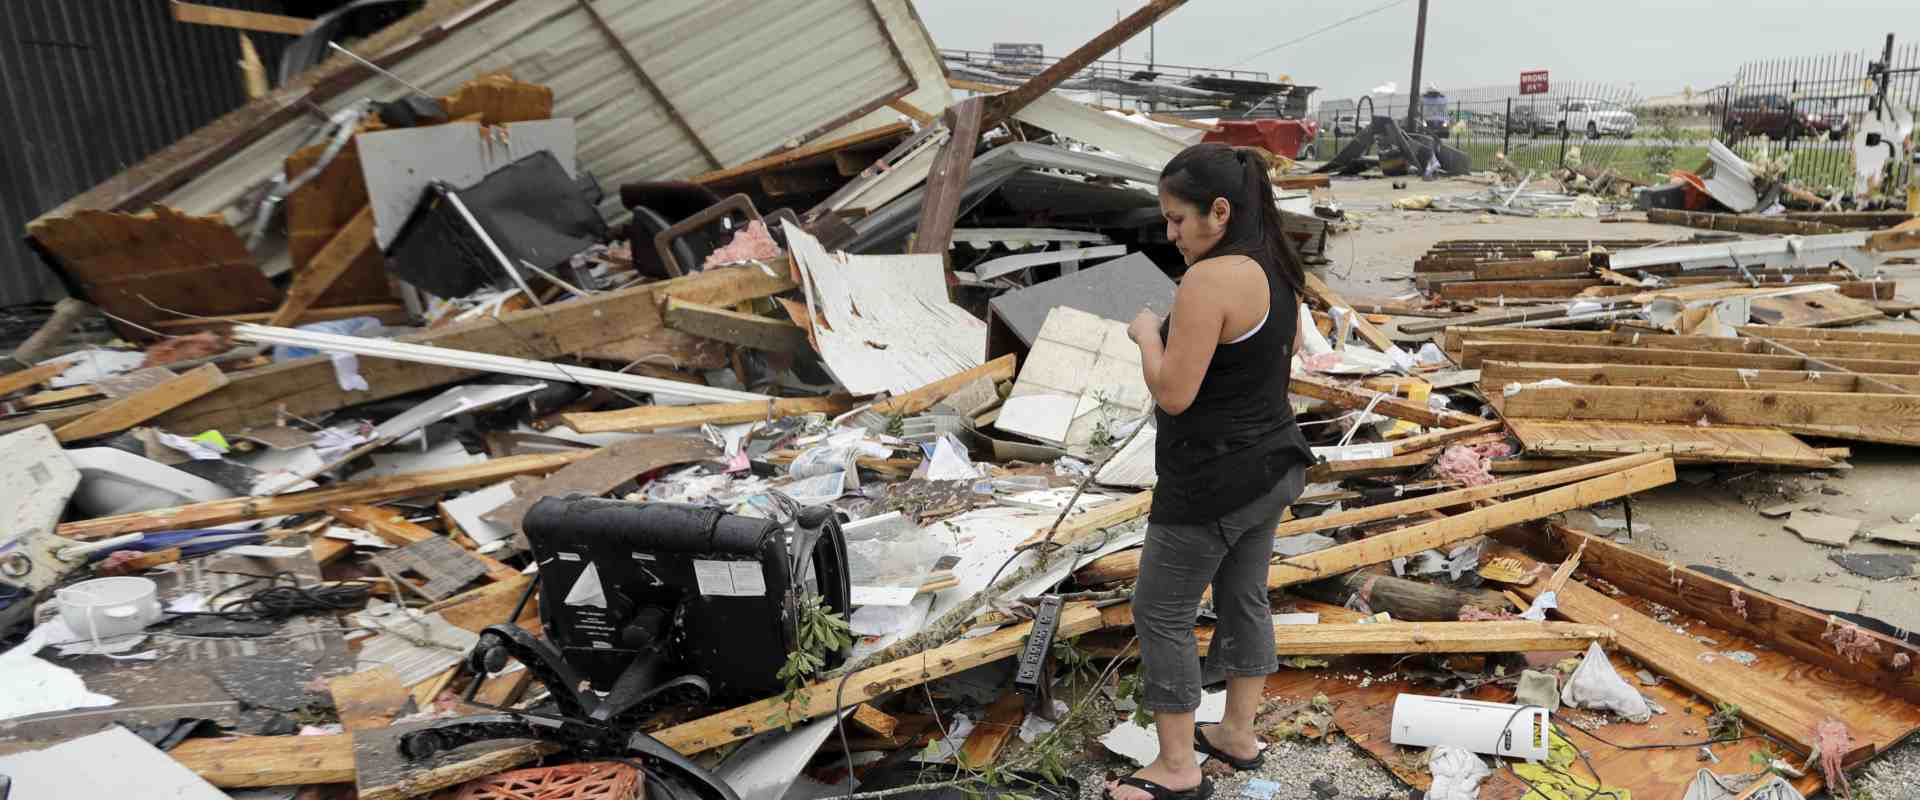 נזקי ההוריקן בחופי טקסס